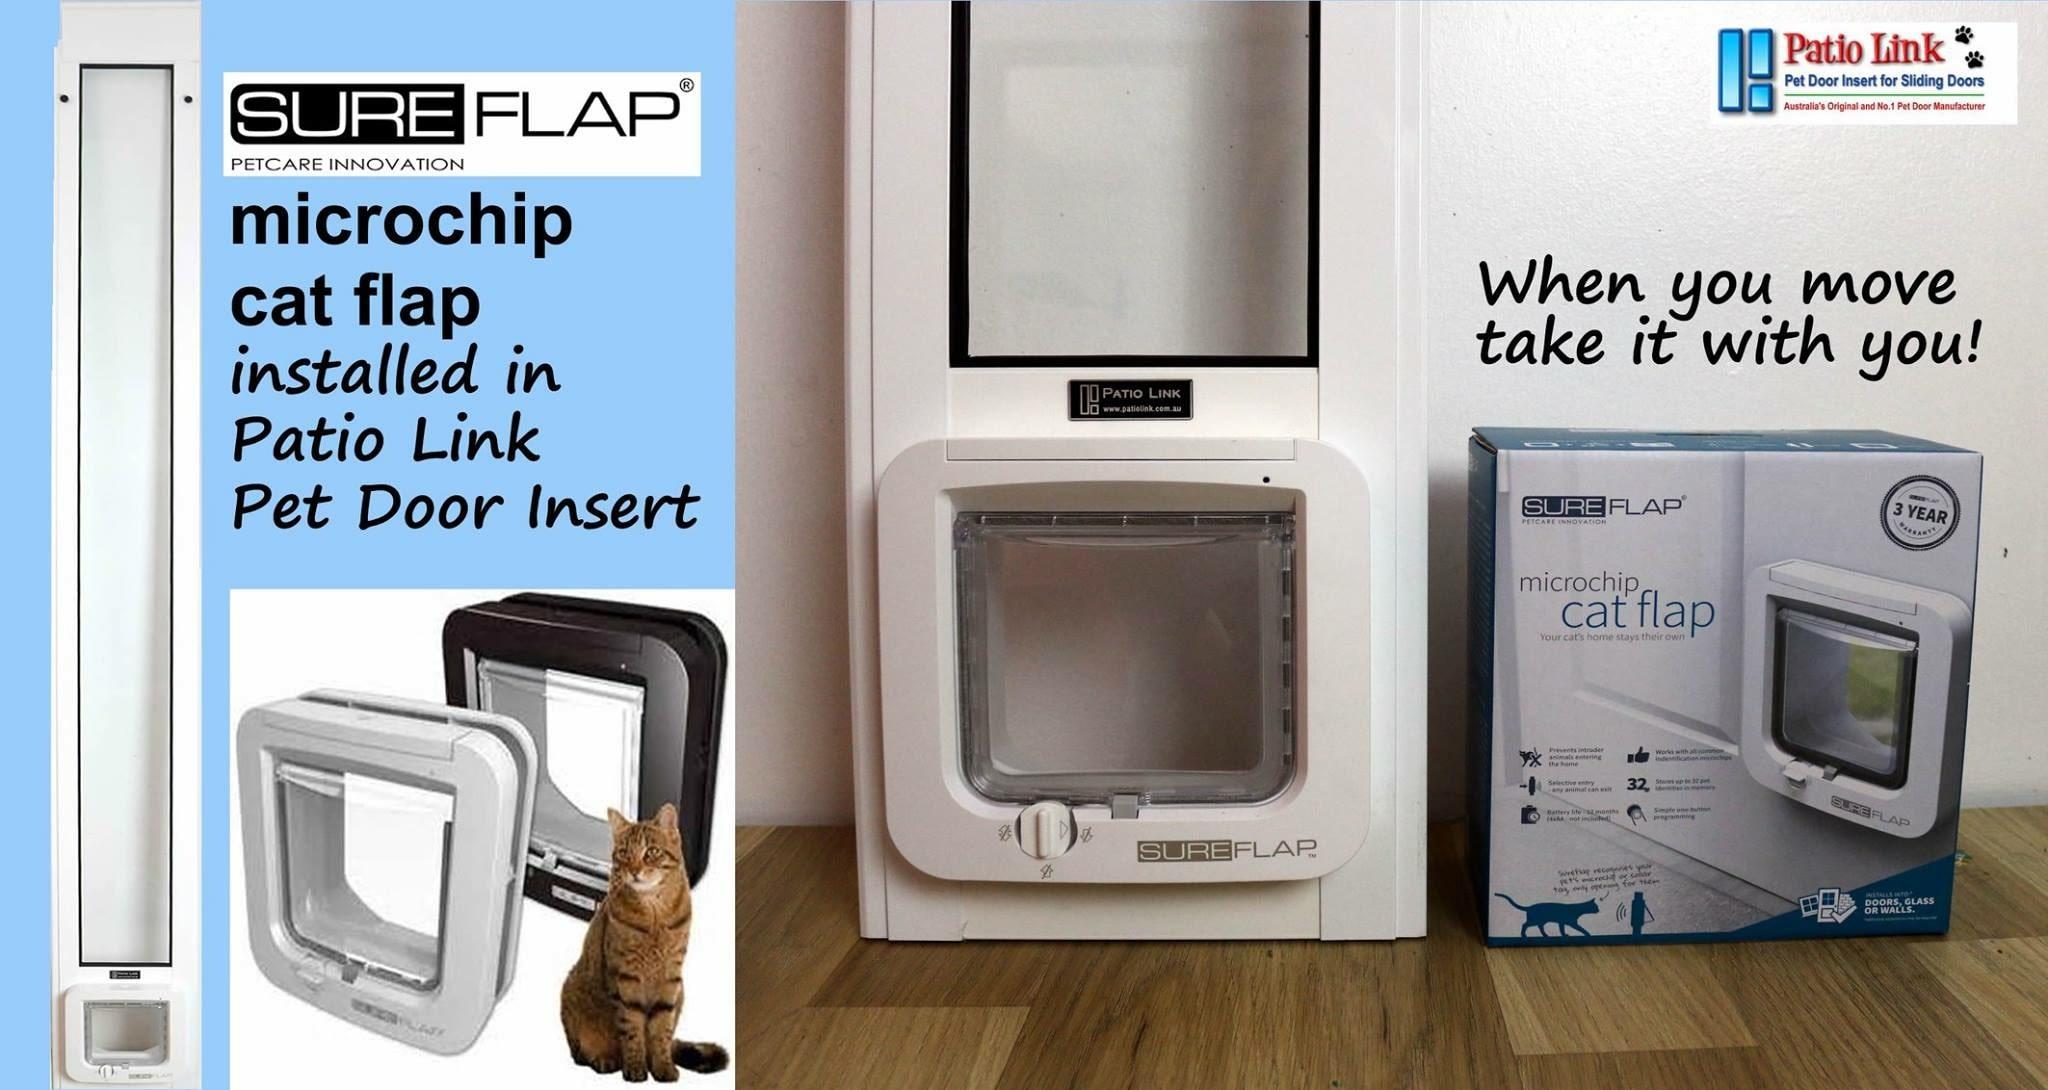 Microchip SureFlap Pet Door Insert